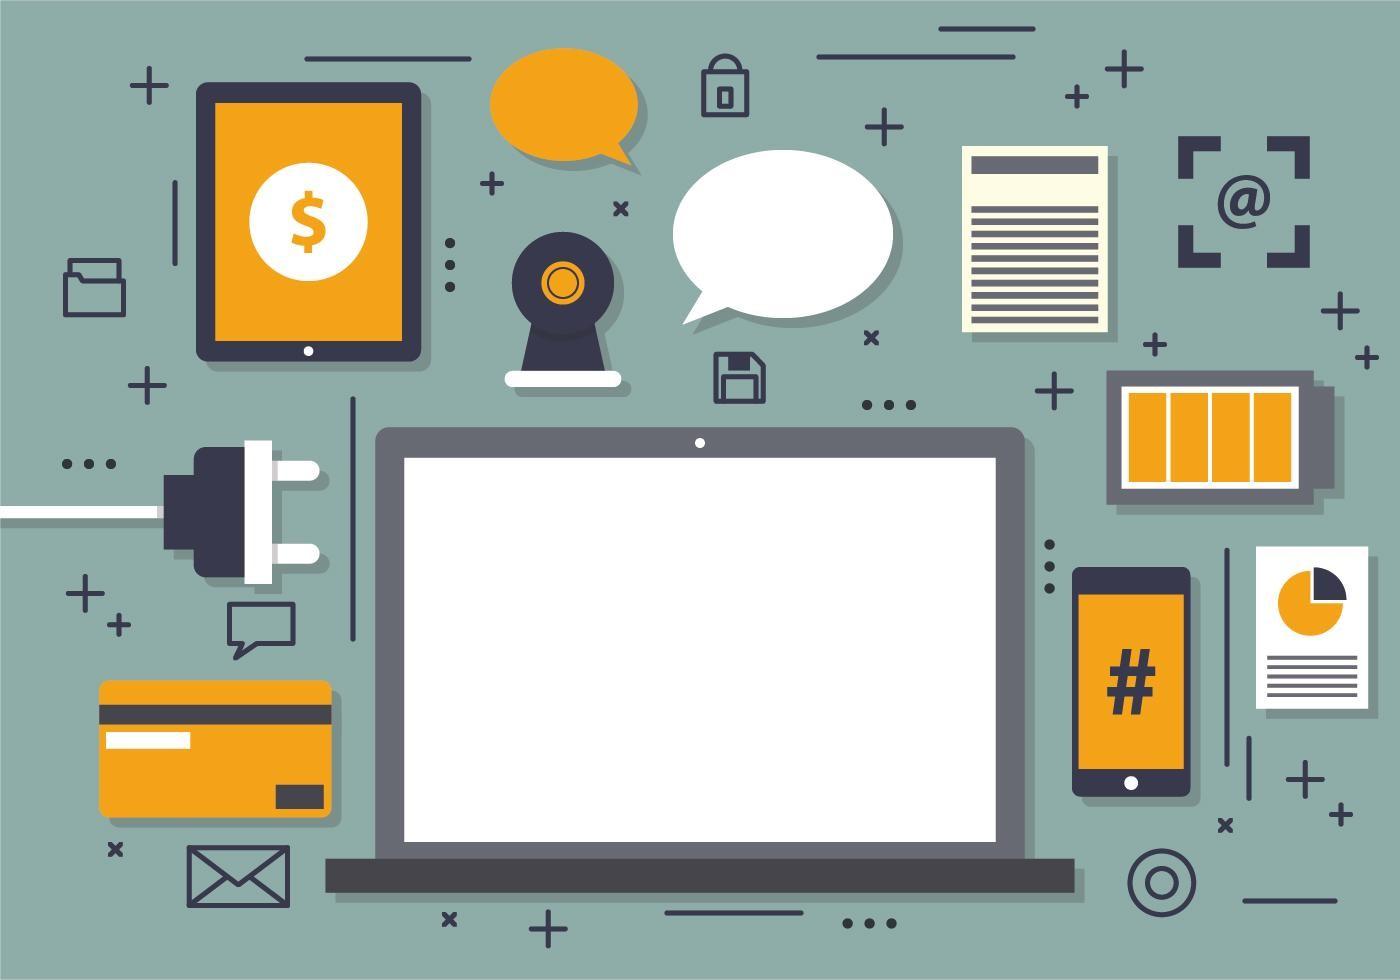 پیش نیازهای یادگیری طراحی وب چیست؟